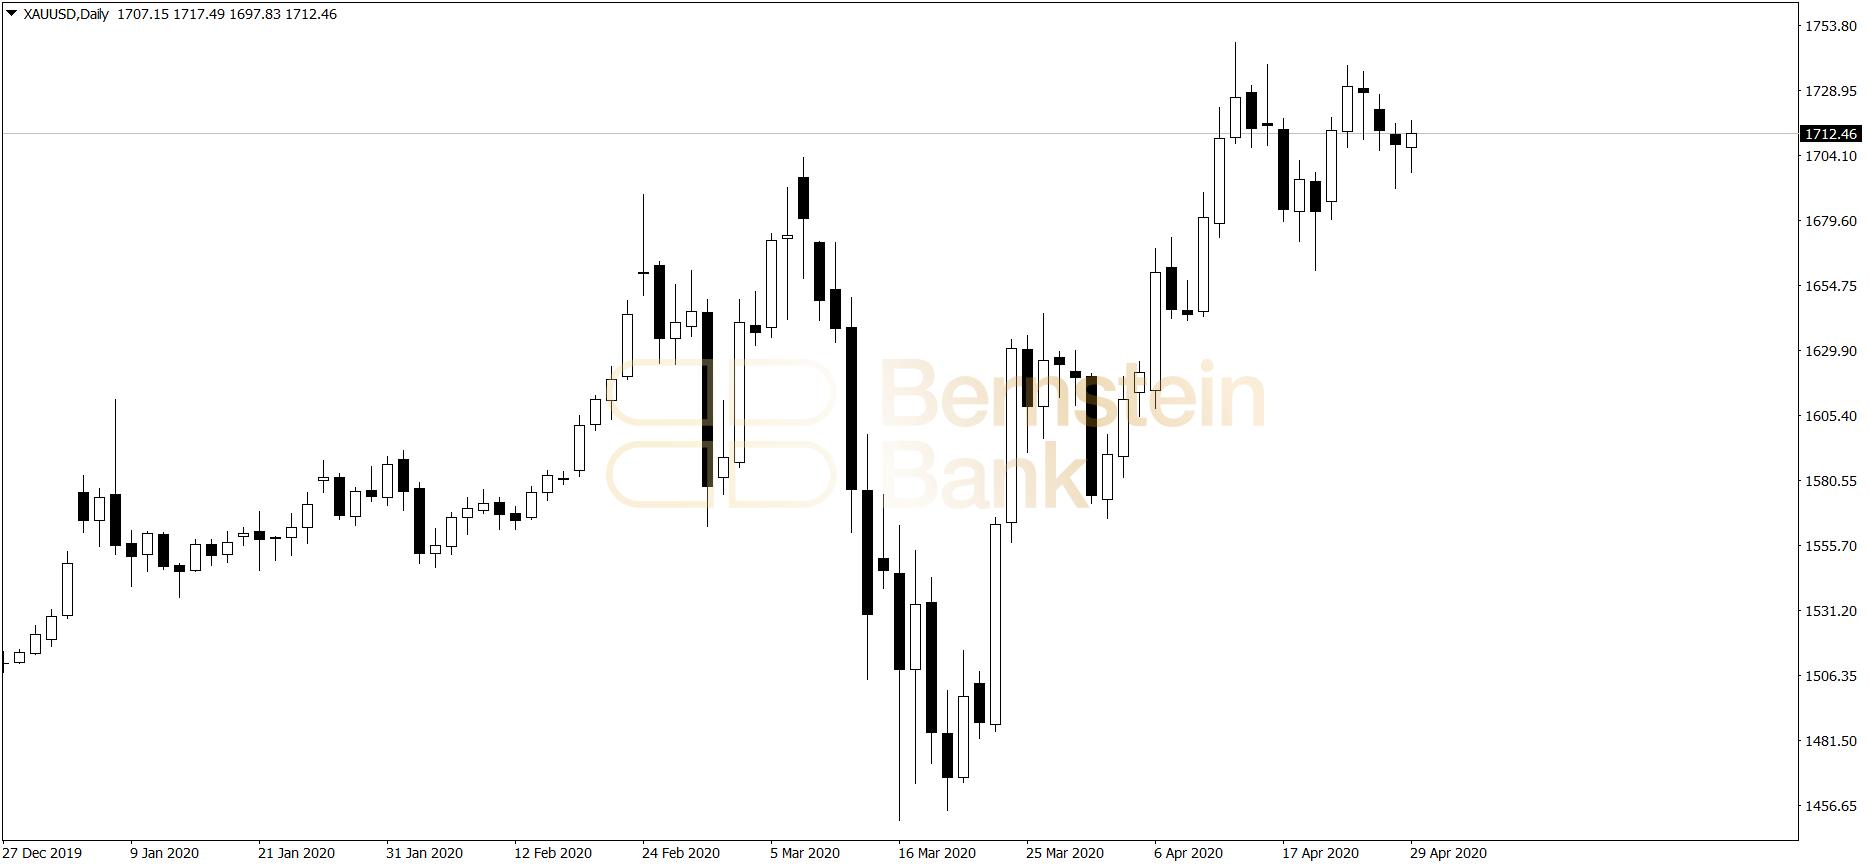 złoto - wykres dzienny 30.04.2020